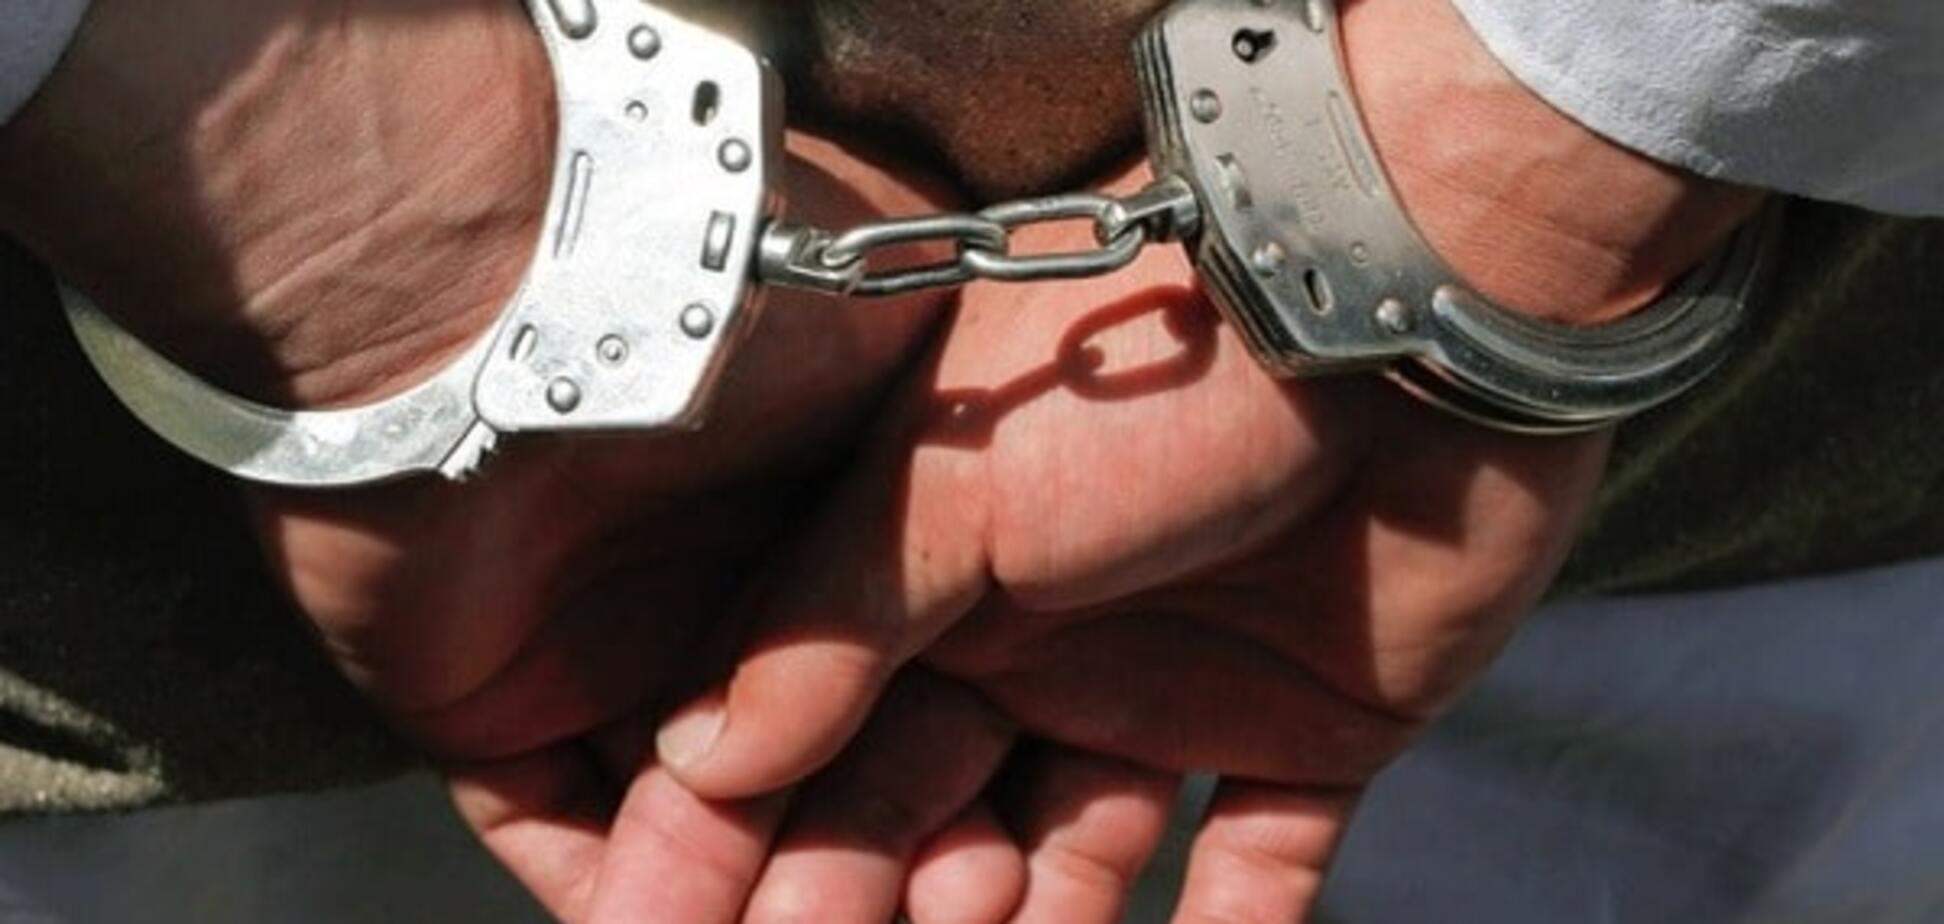 У Києві затримали екс-чиновника, який украв 18 млн